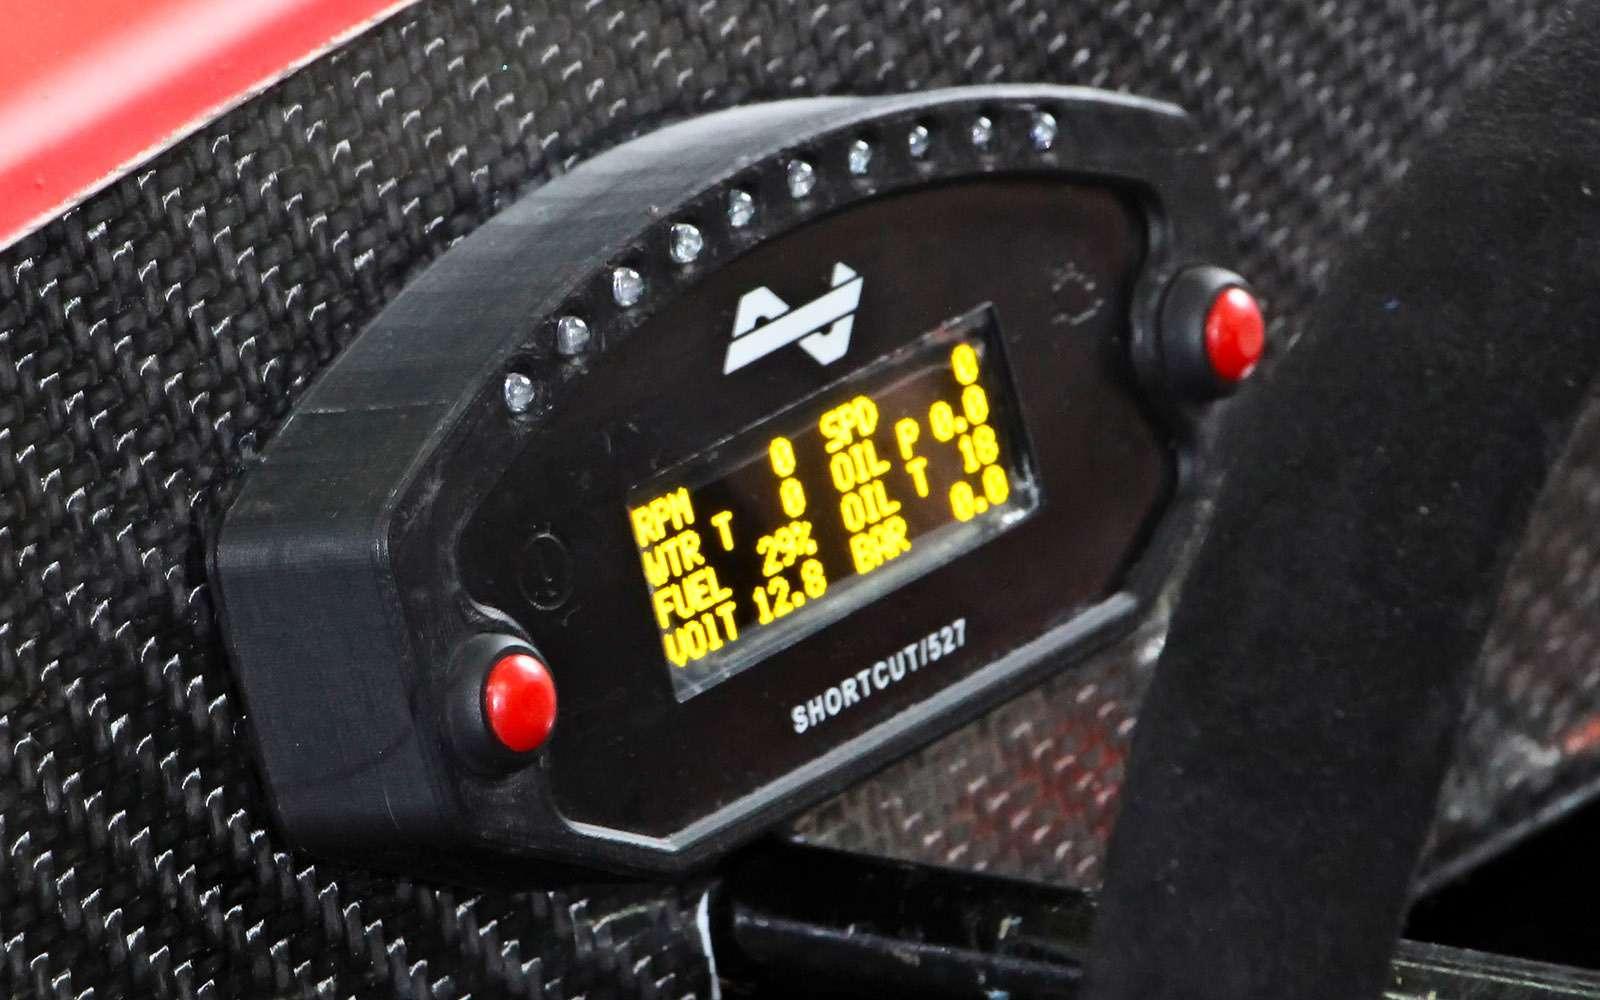 Российский спорткар Shortcut 527с мотором отПриоры. Тест-драйв— фото 779115